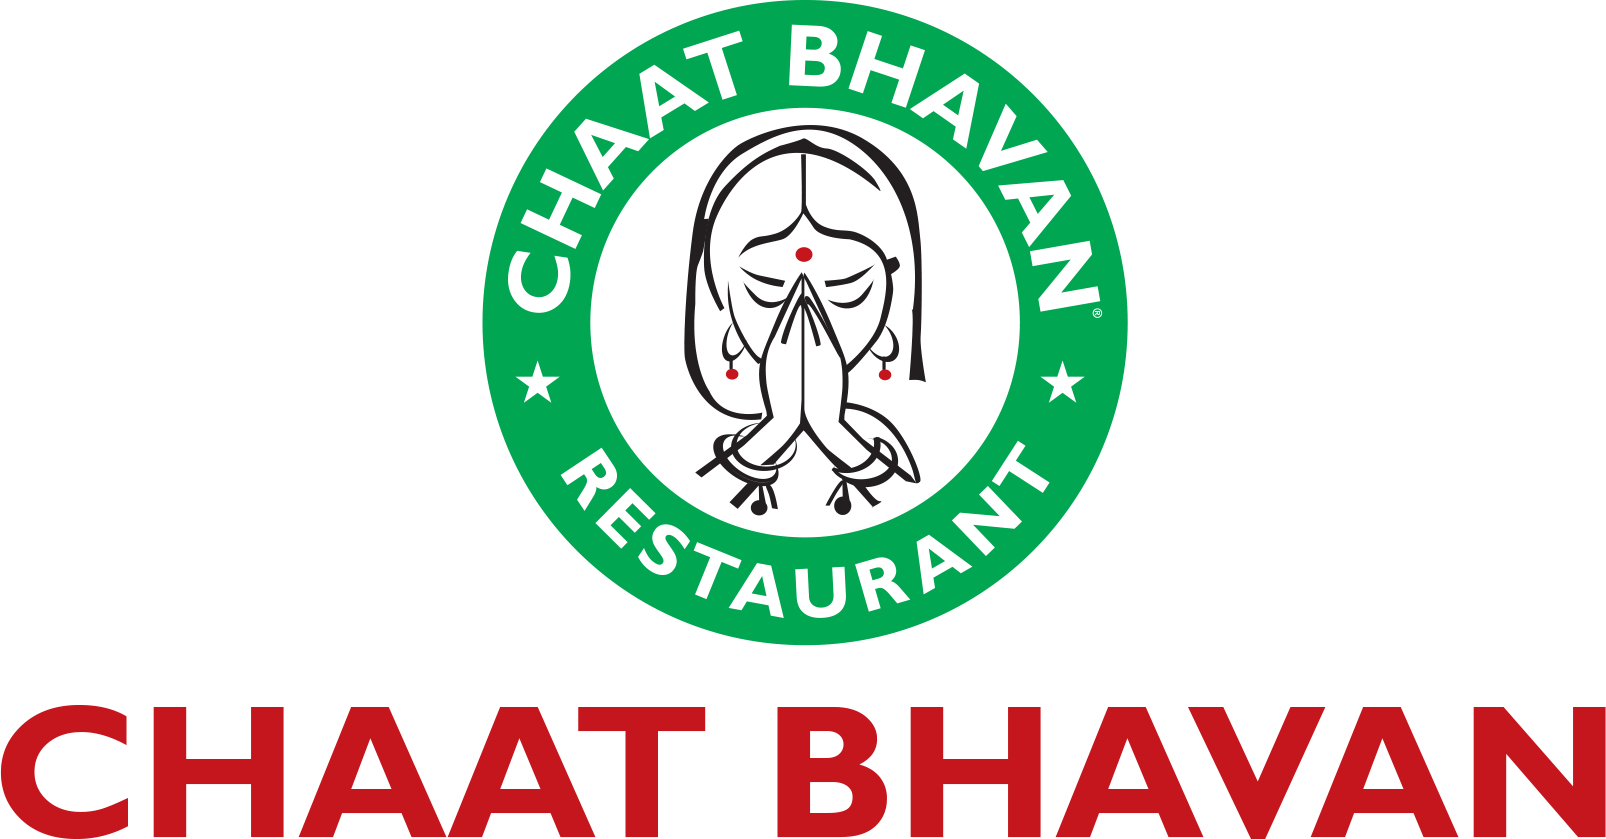 Chaat Bhavan Home